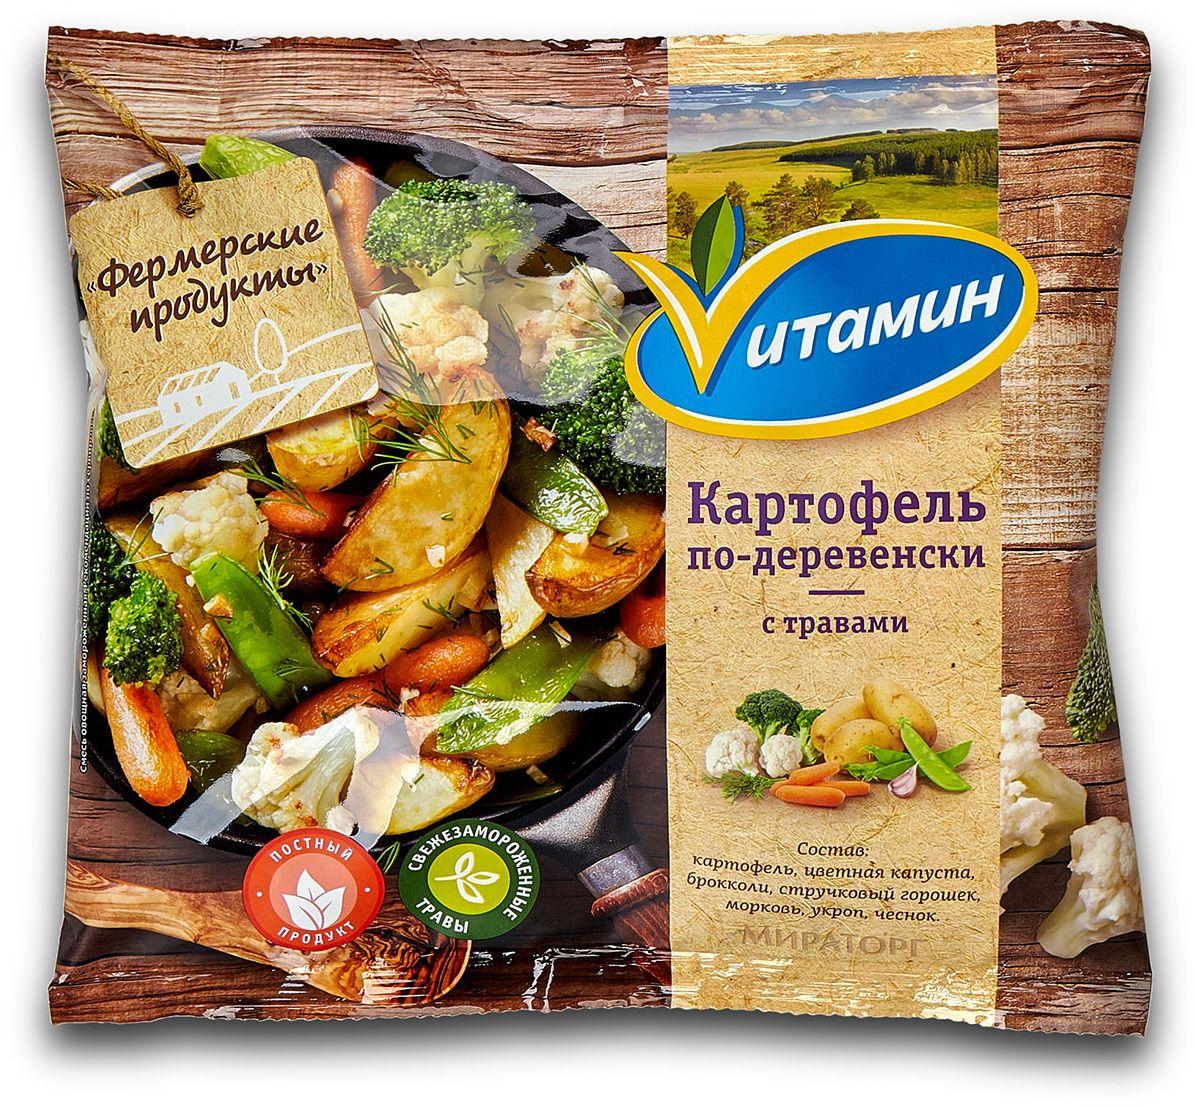 Картофель по-деревенски с травами Vитамин, 400 г, Мираторг